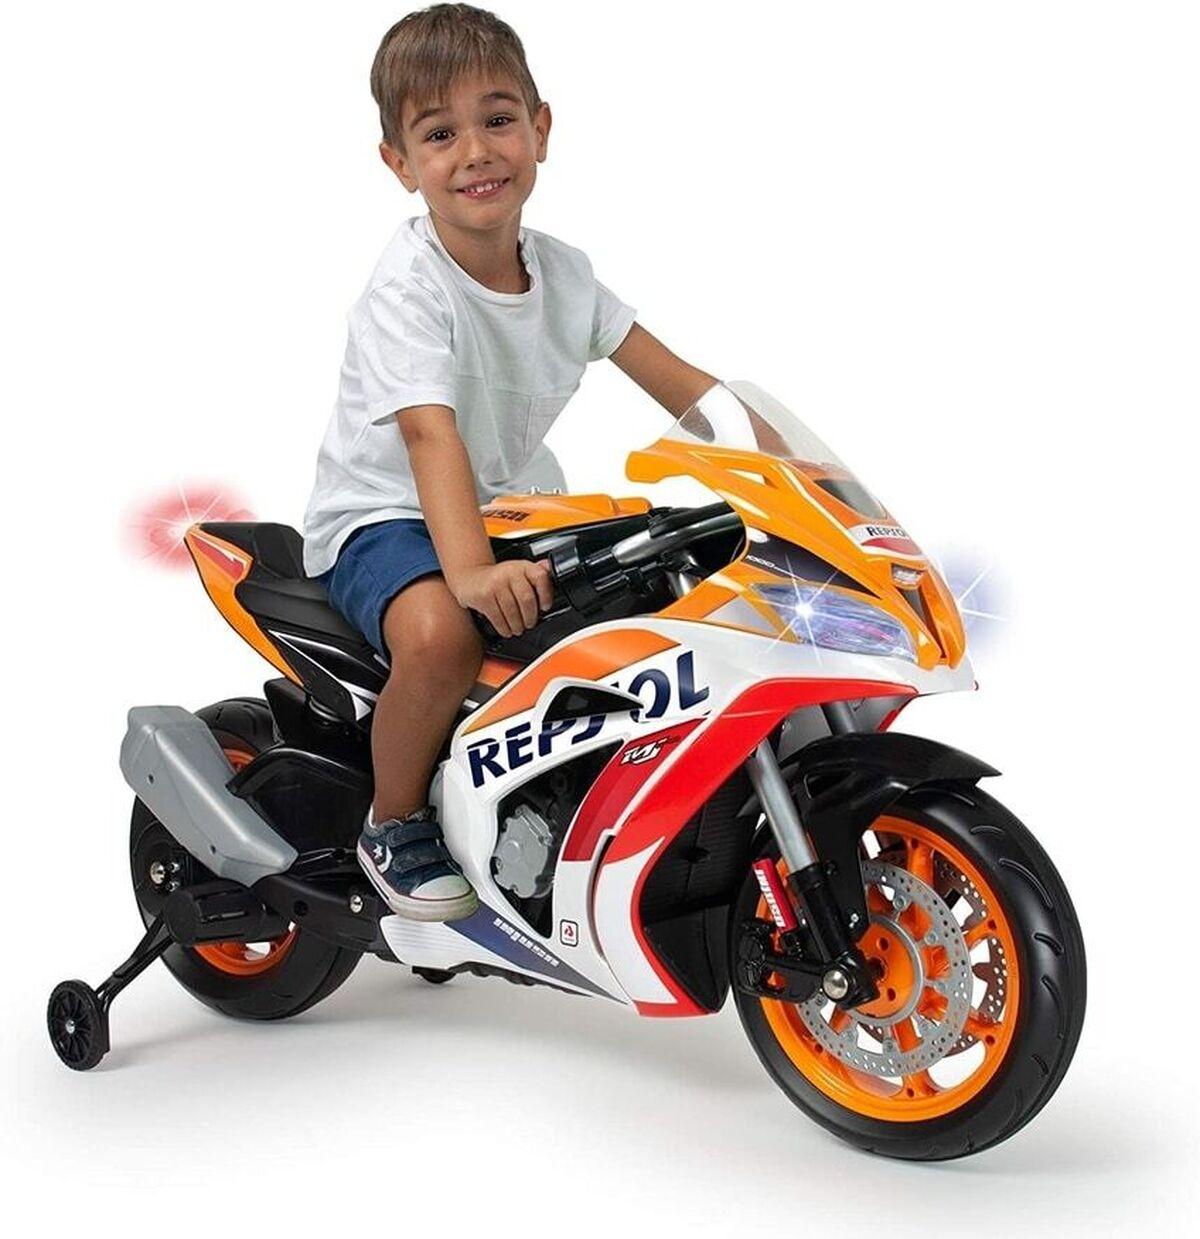 Motos eléctricas para niños: el regalo perfecto para estas navidades, ahora a menor precio